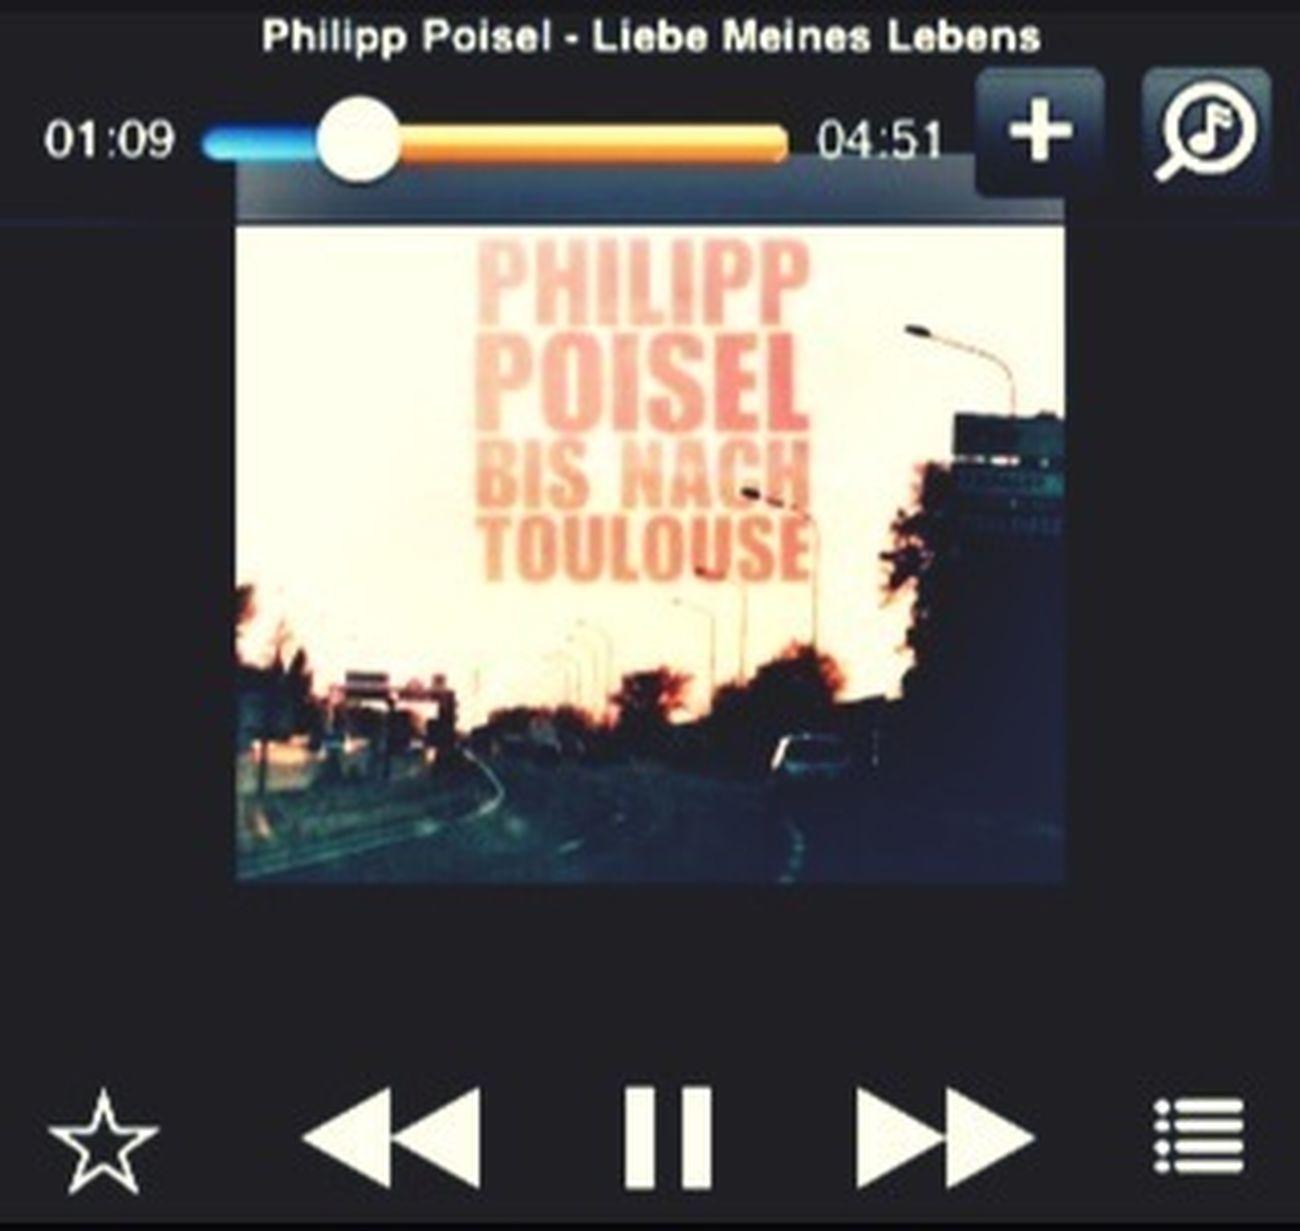 Weil Du Die Liebe Meines Lebens Bist! Ich Liebe Dich ! Philipp Poisel Lovelovelove